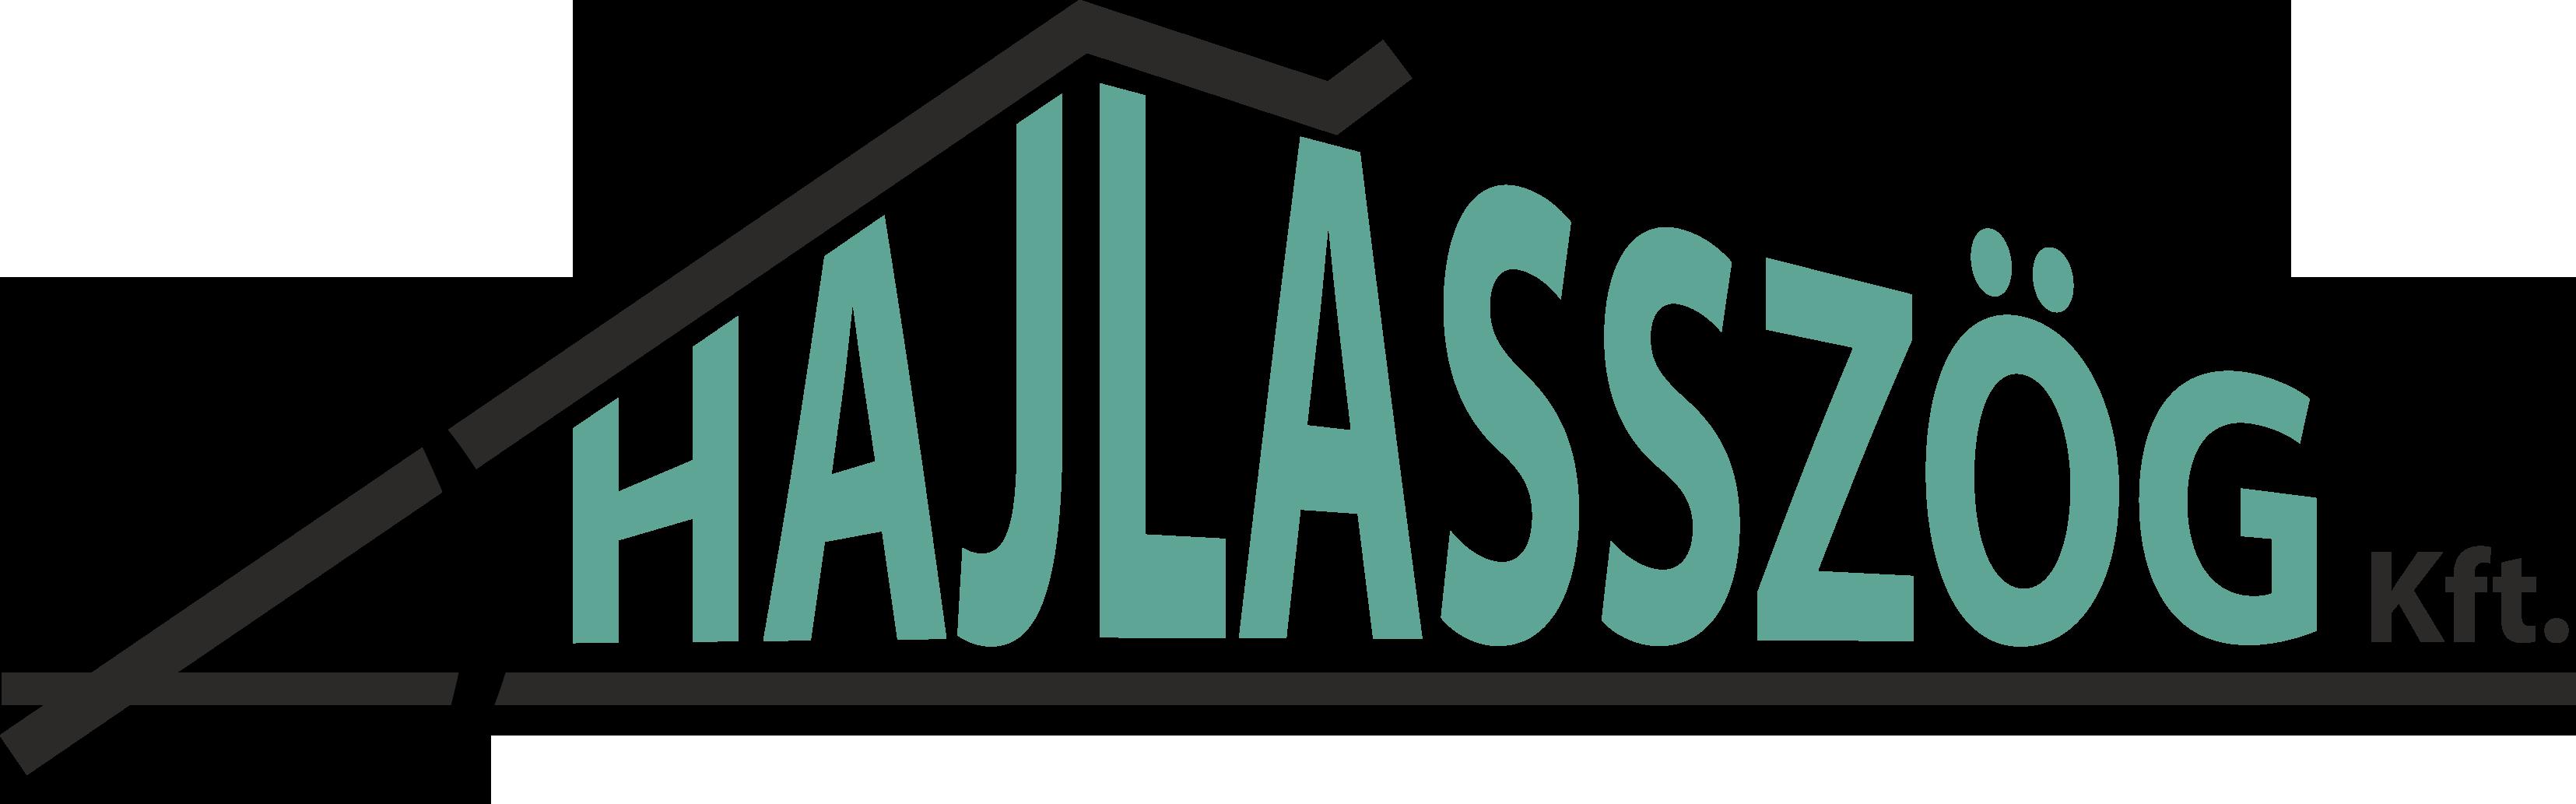 hajlasszog-logo-notext